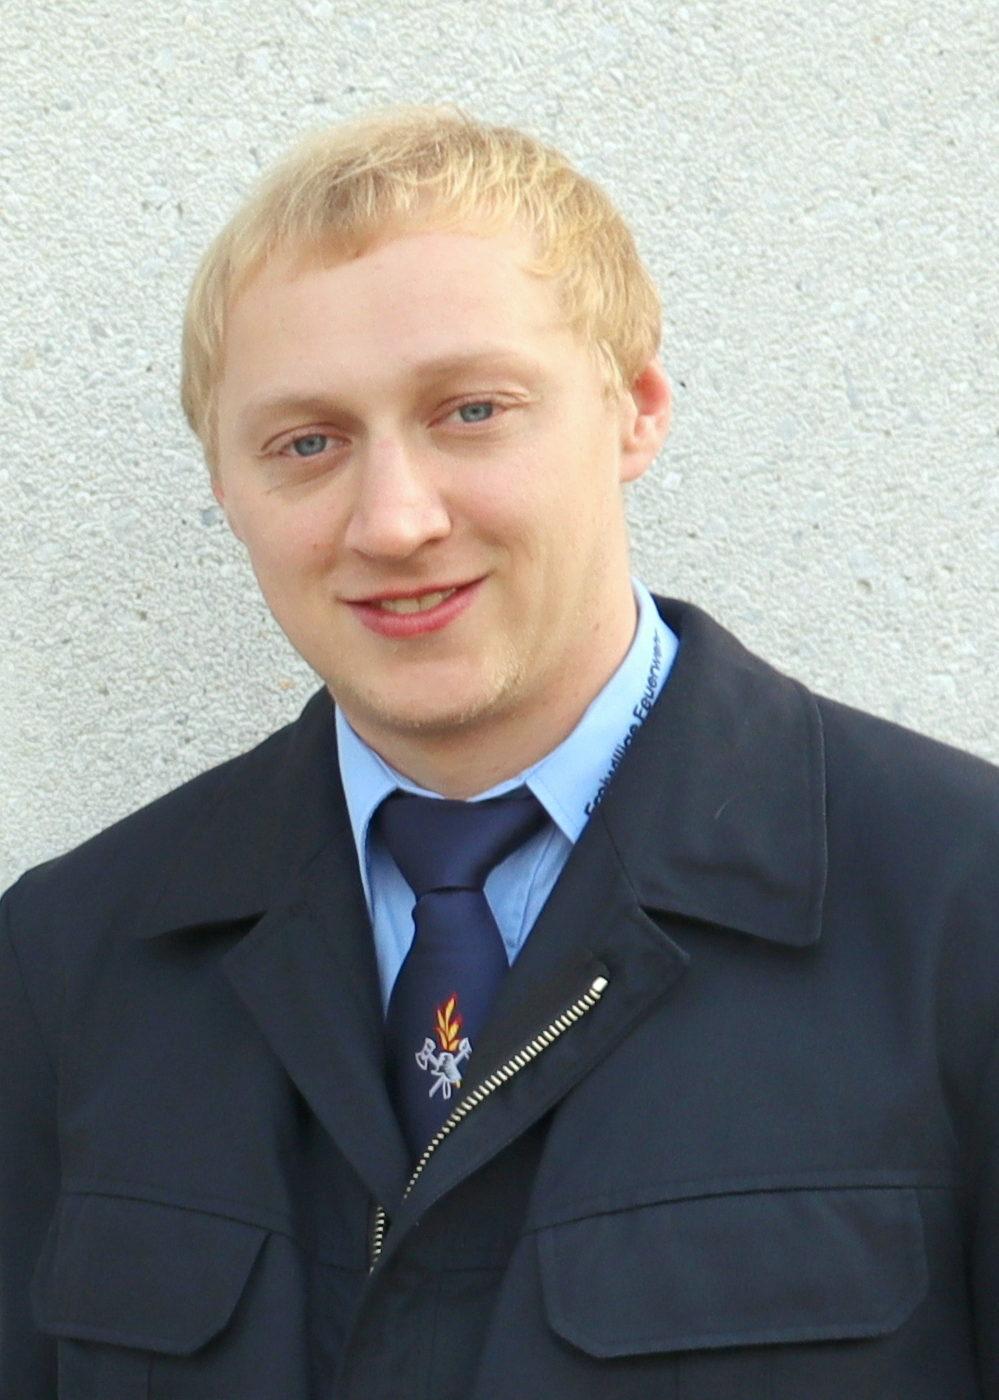 Benedikt Kummer